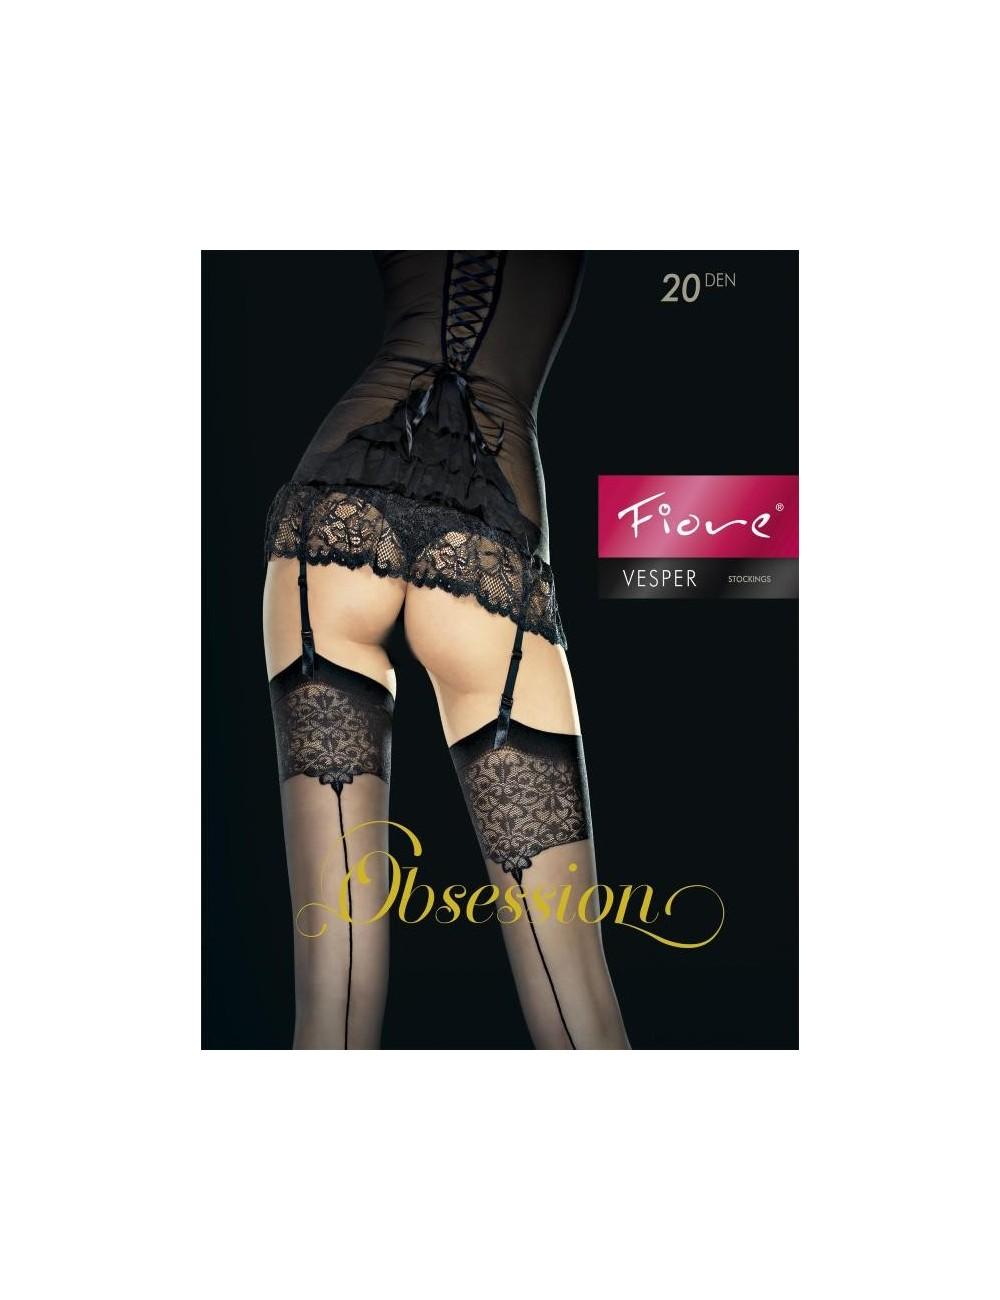 Lingerie - Bas - Vesper Bas 20 DEN - Noir - Fiore